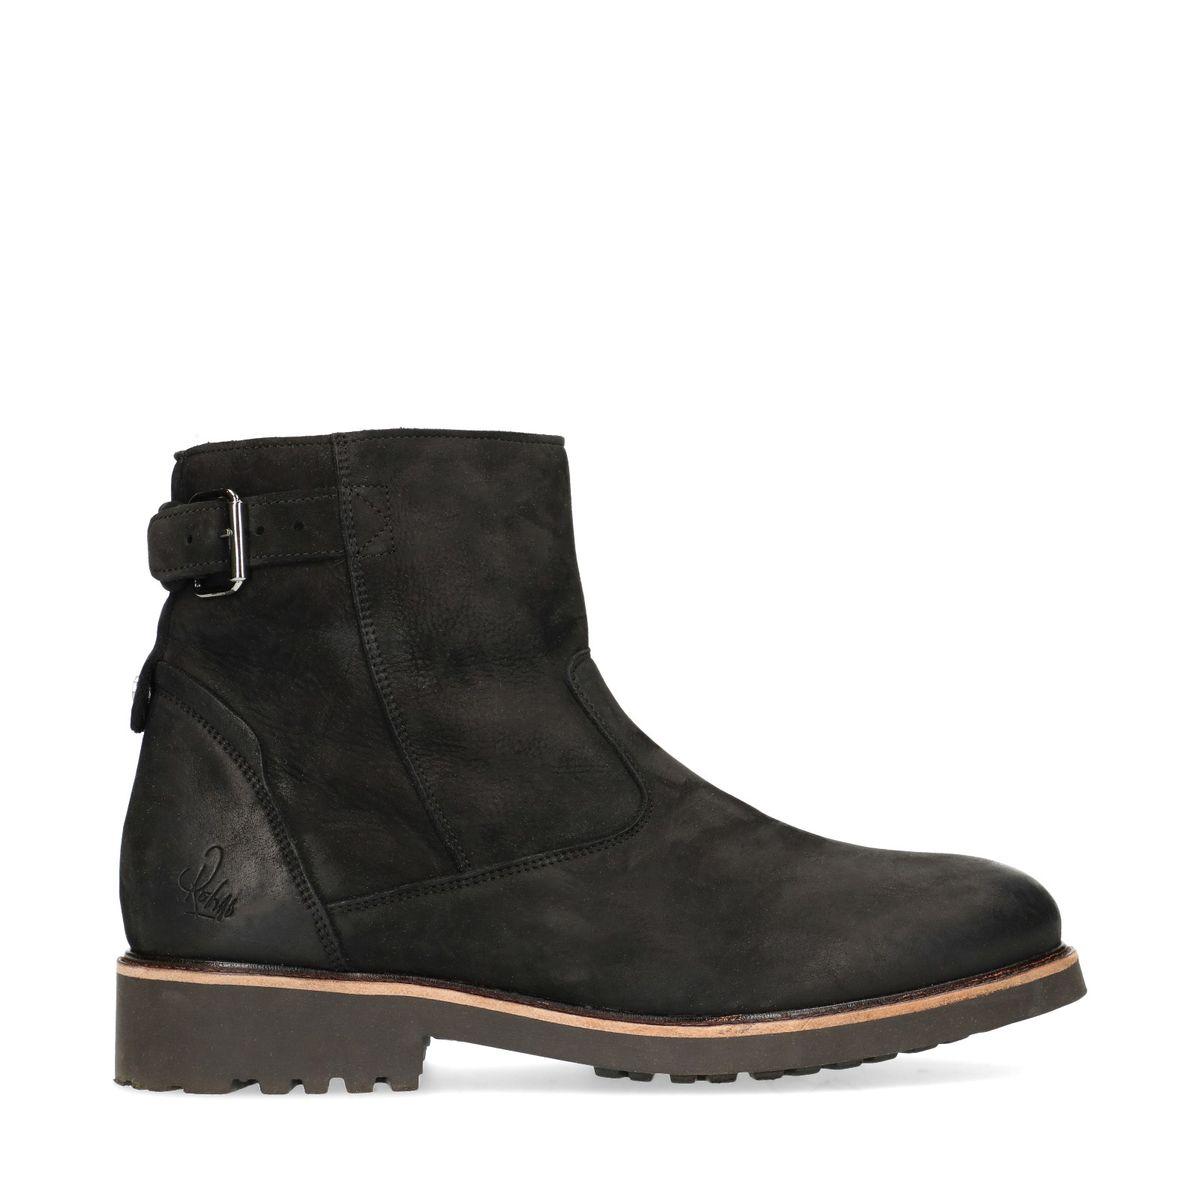 REHAB Regan Boots - noir (Maat 46)